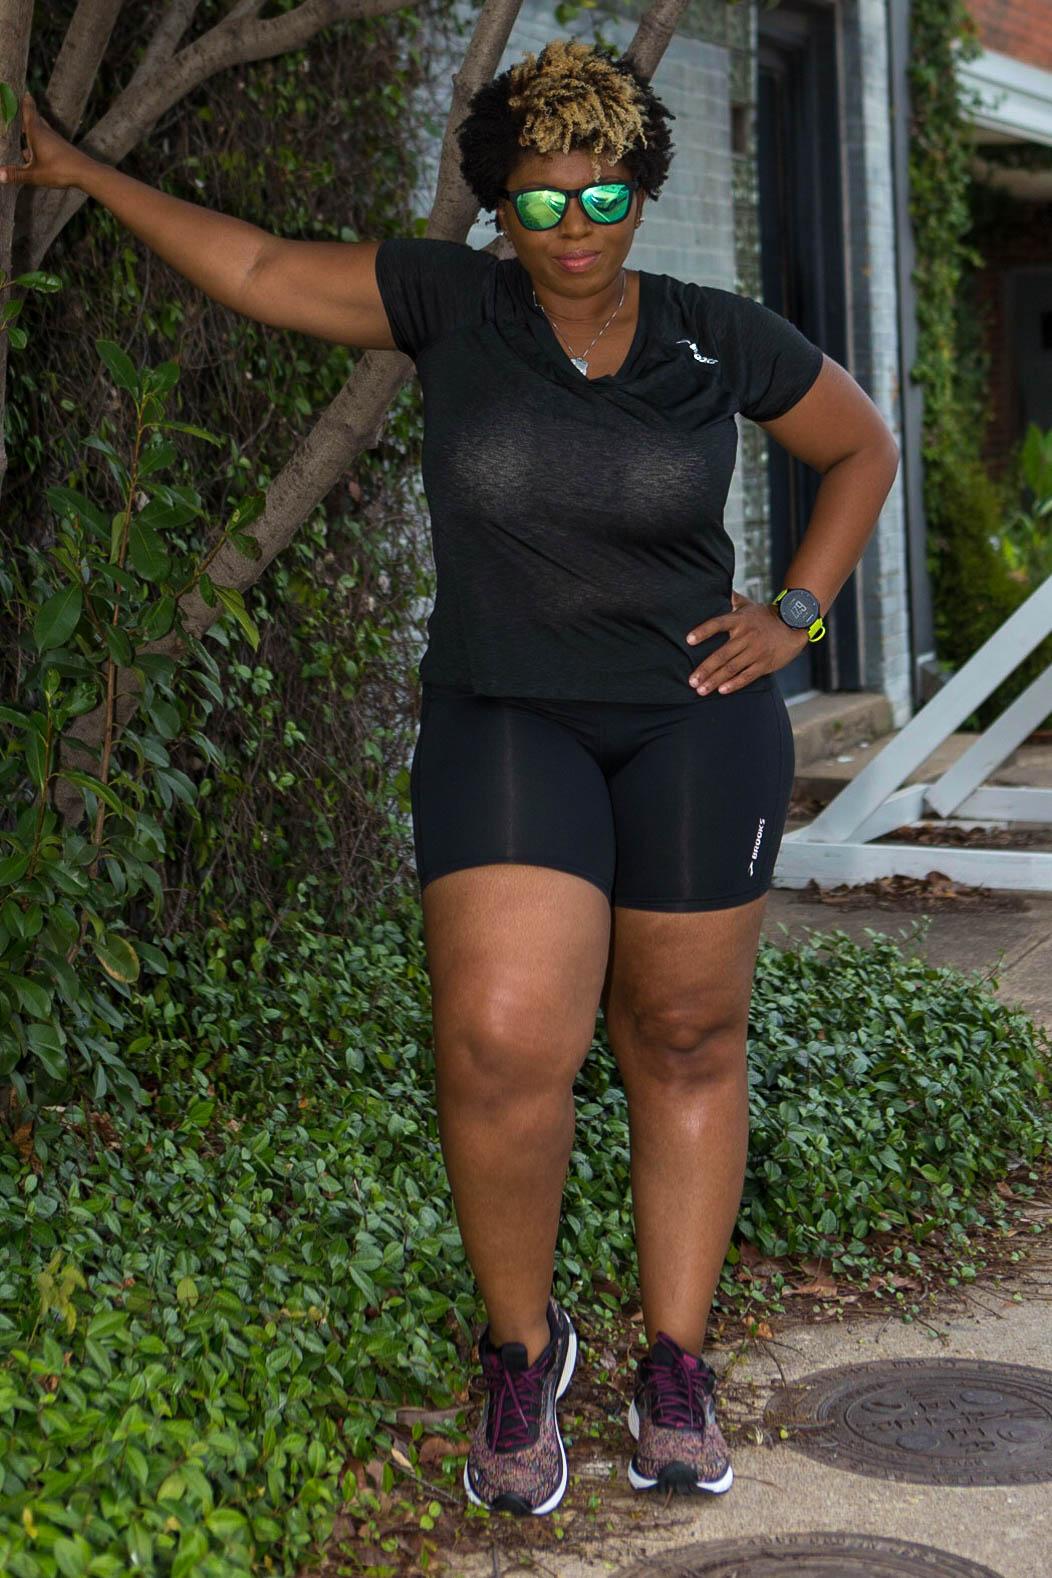 Big black thick thighs women